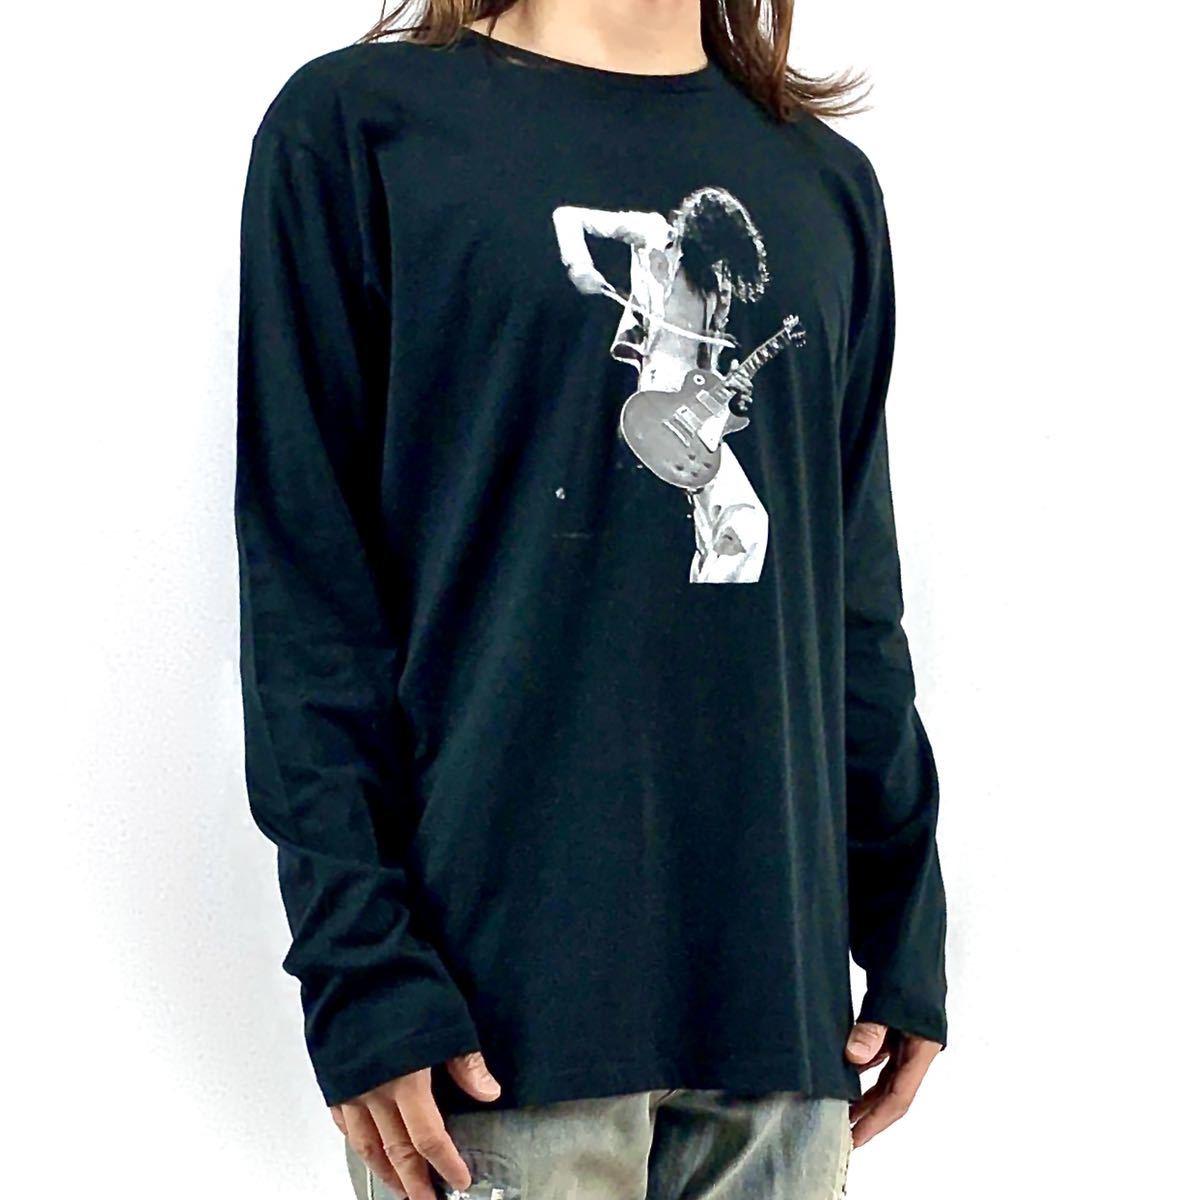 新品 ジミーペイジ レッドツェッペリン ギタリスト ロック バンド 黒 ロンT 長袖 Tシャツ XS S M L XL ビッグ オーバー サイズ XXL~4XL 可_画像3